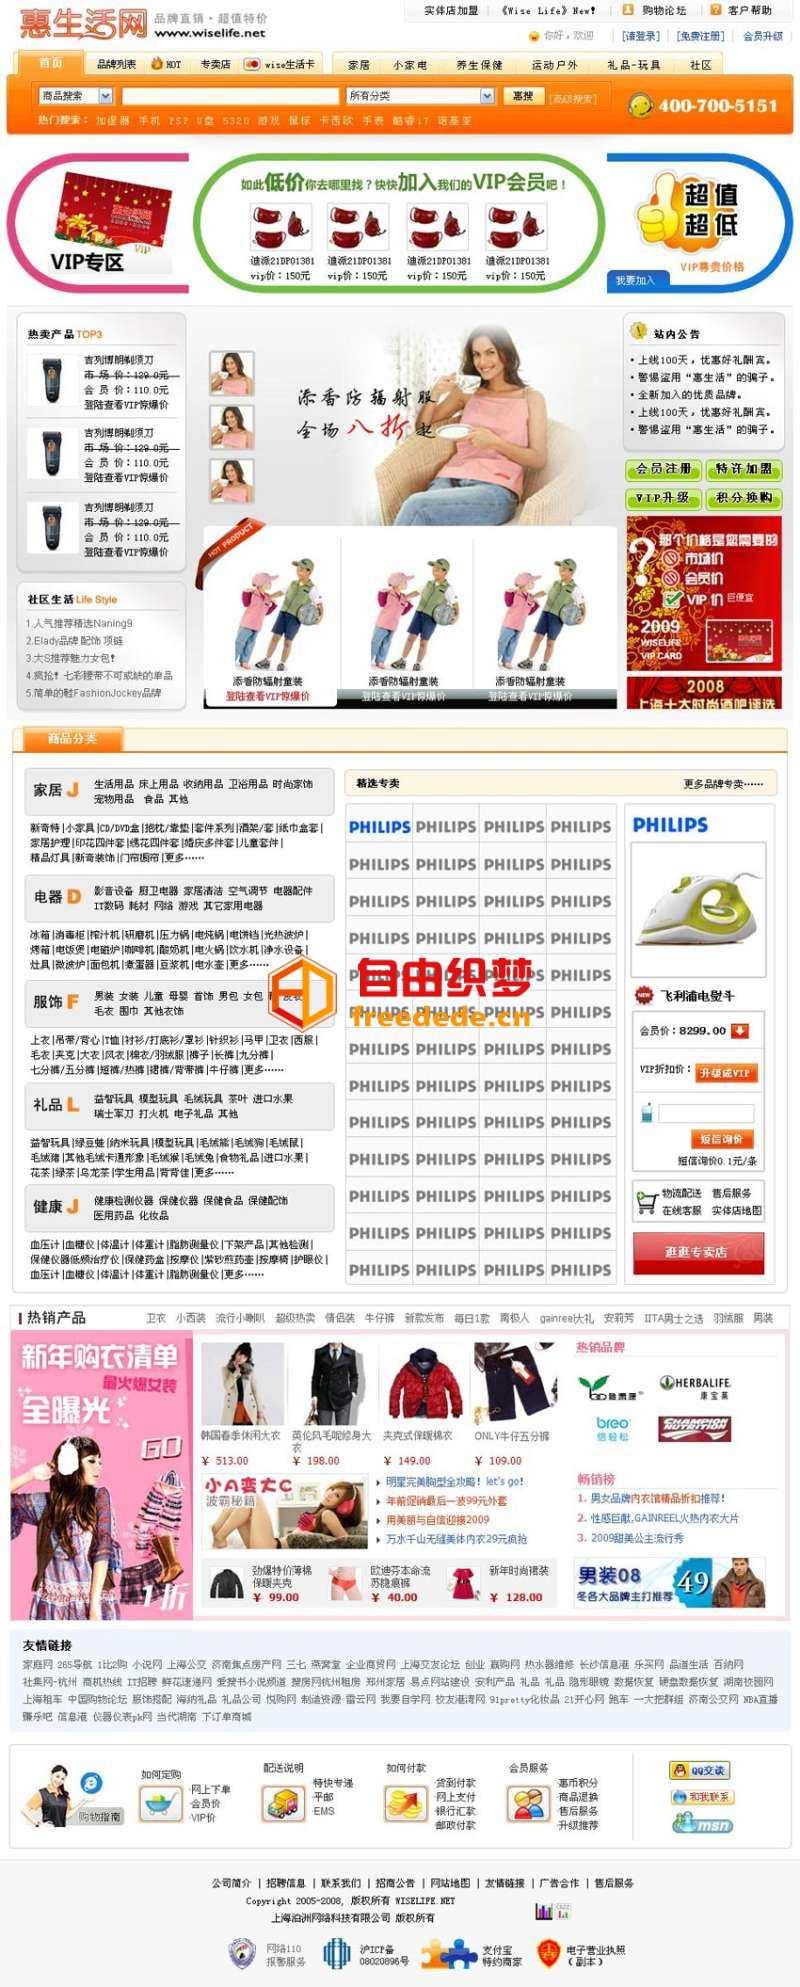 爱上源码网文章橙色商城网站模板psd分层素材下载的内容插图